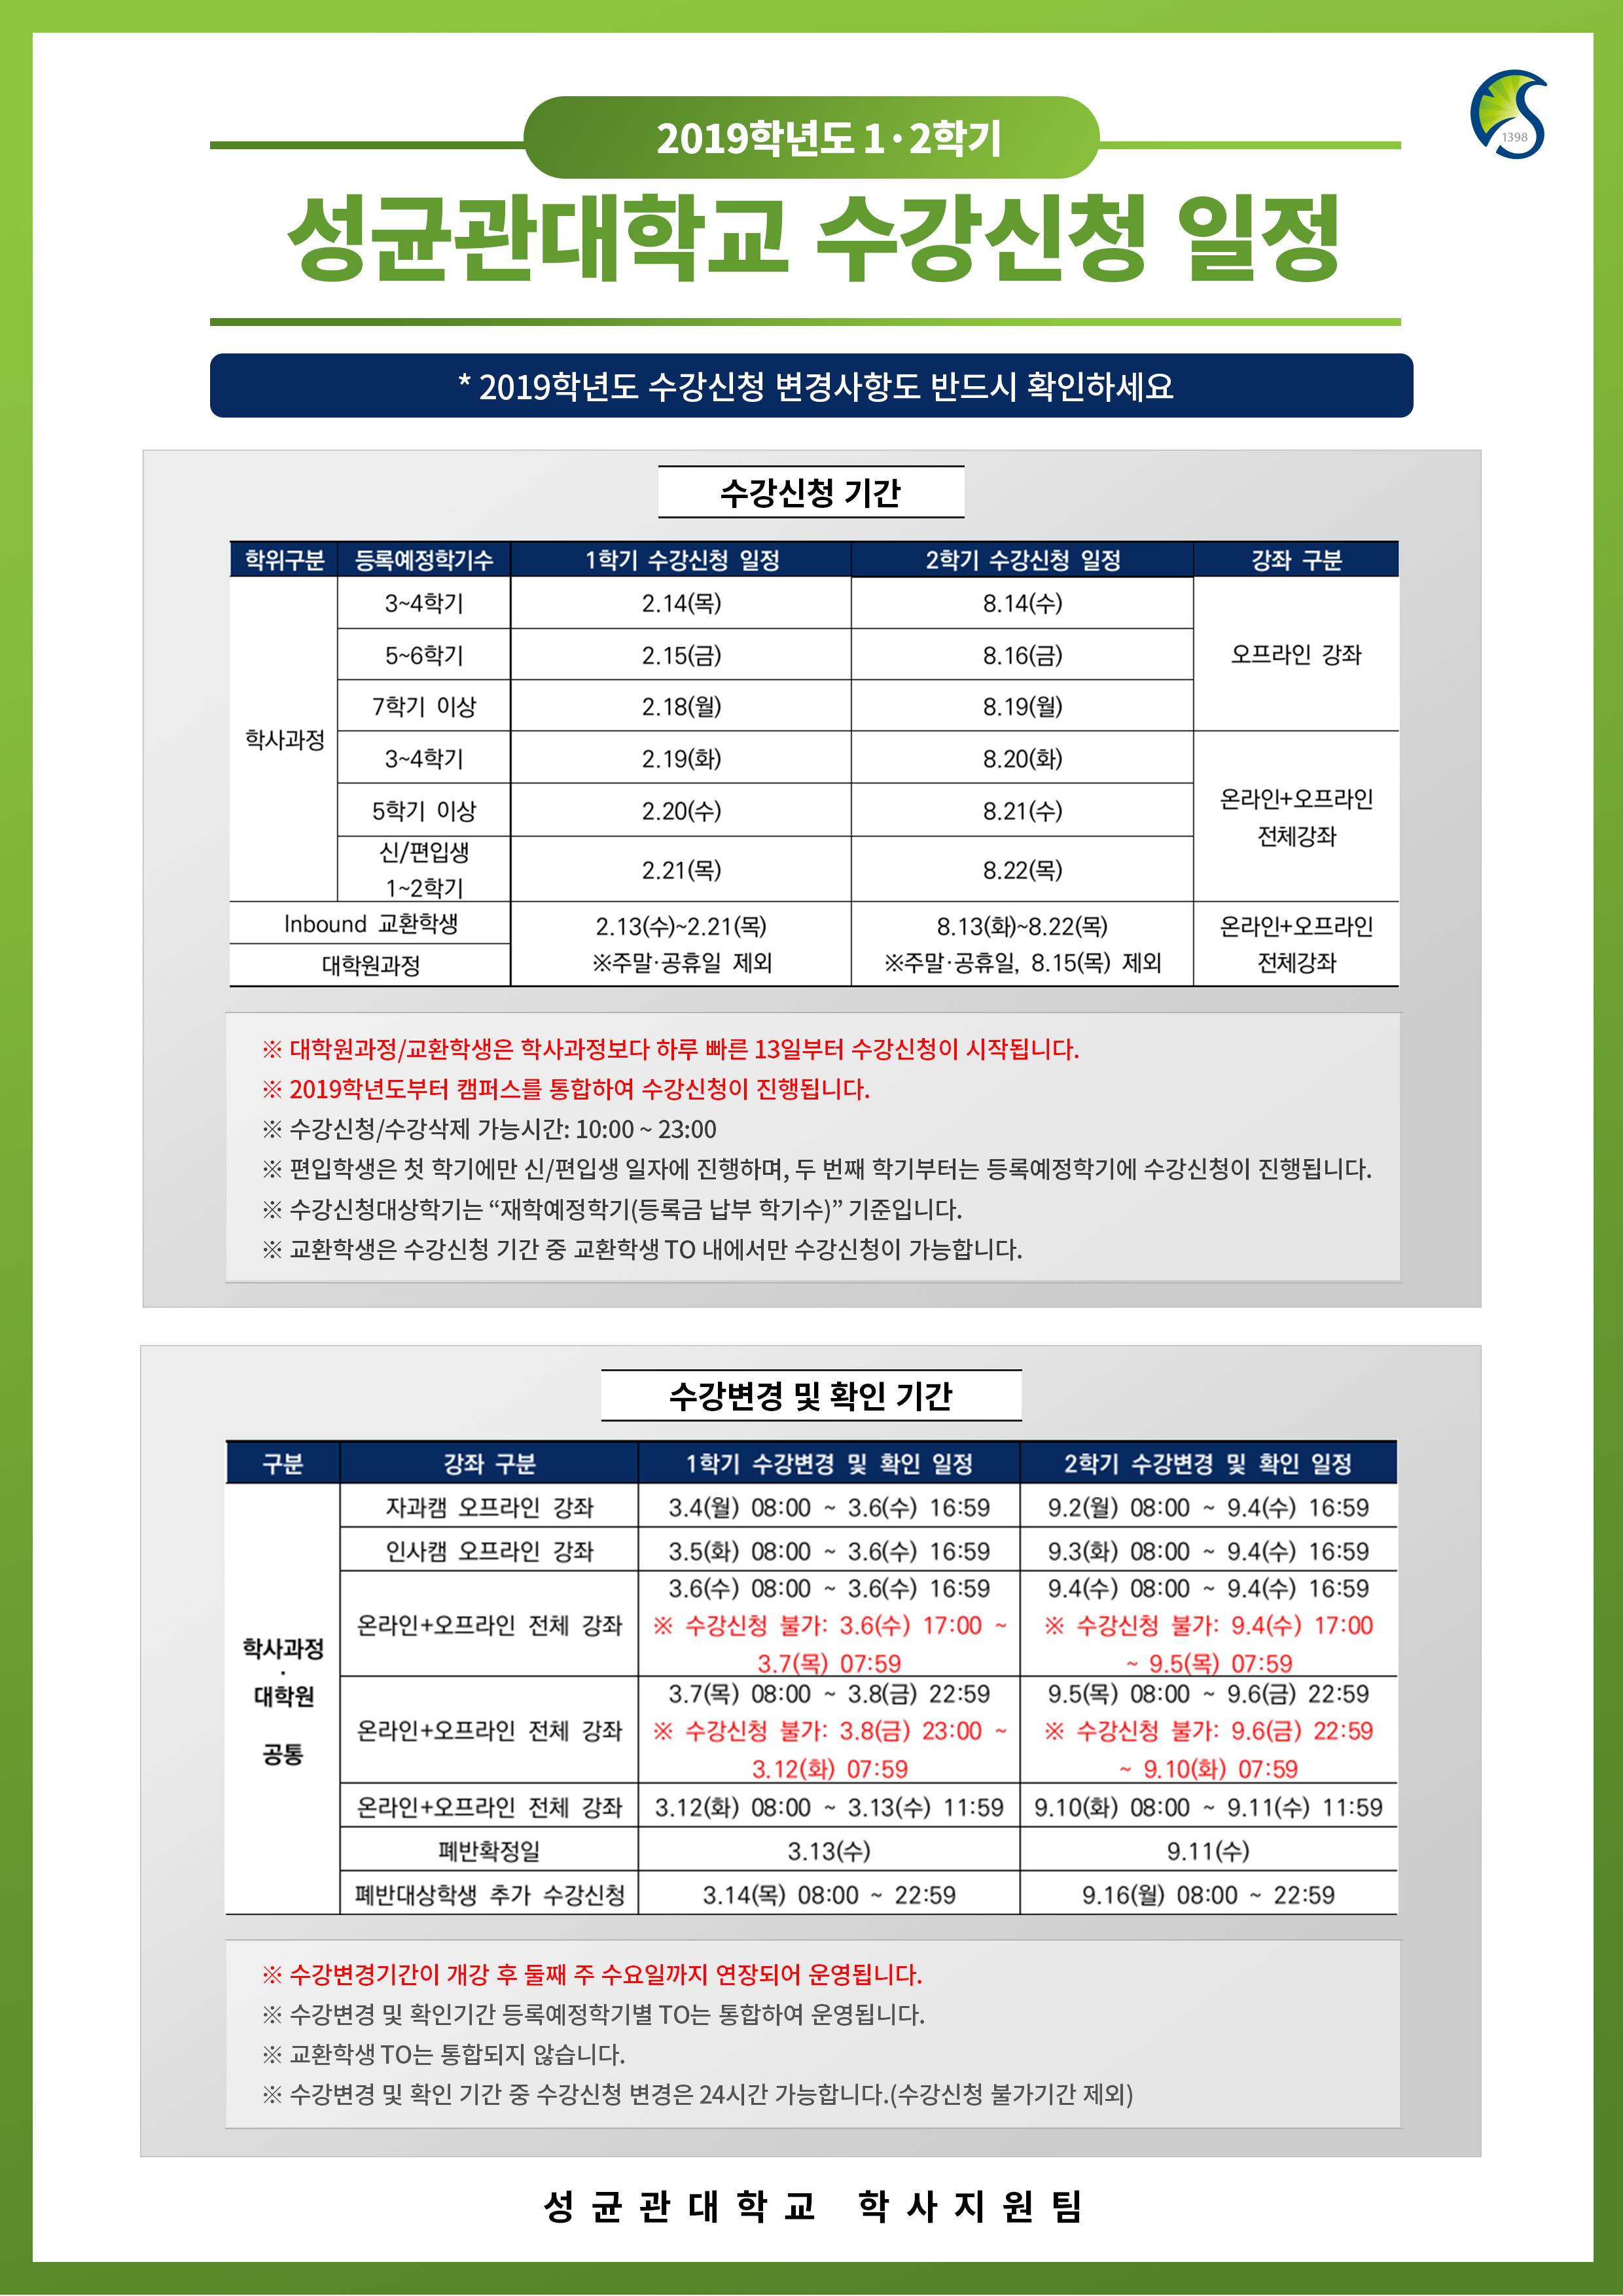 2019학년도_수강신청_일정